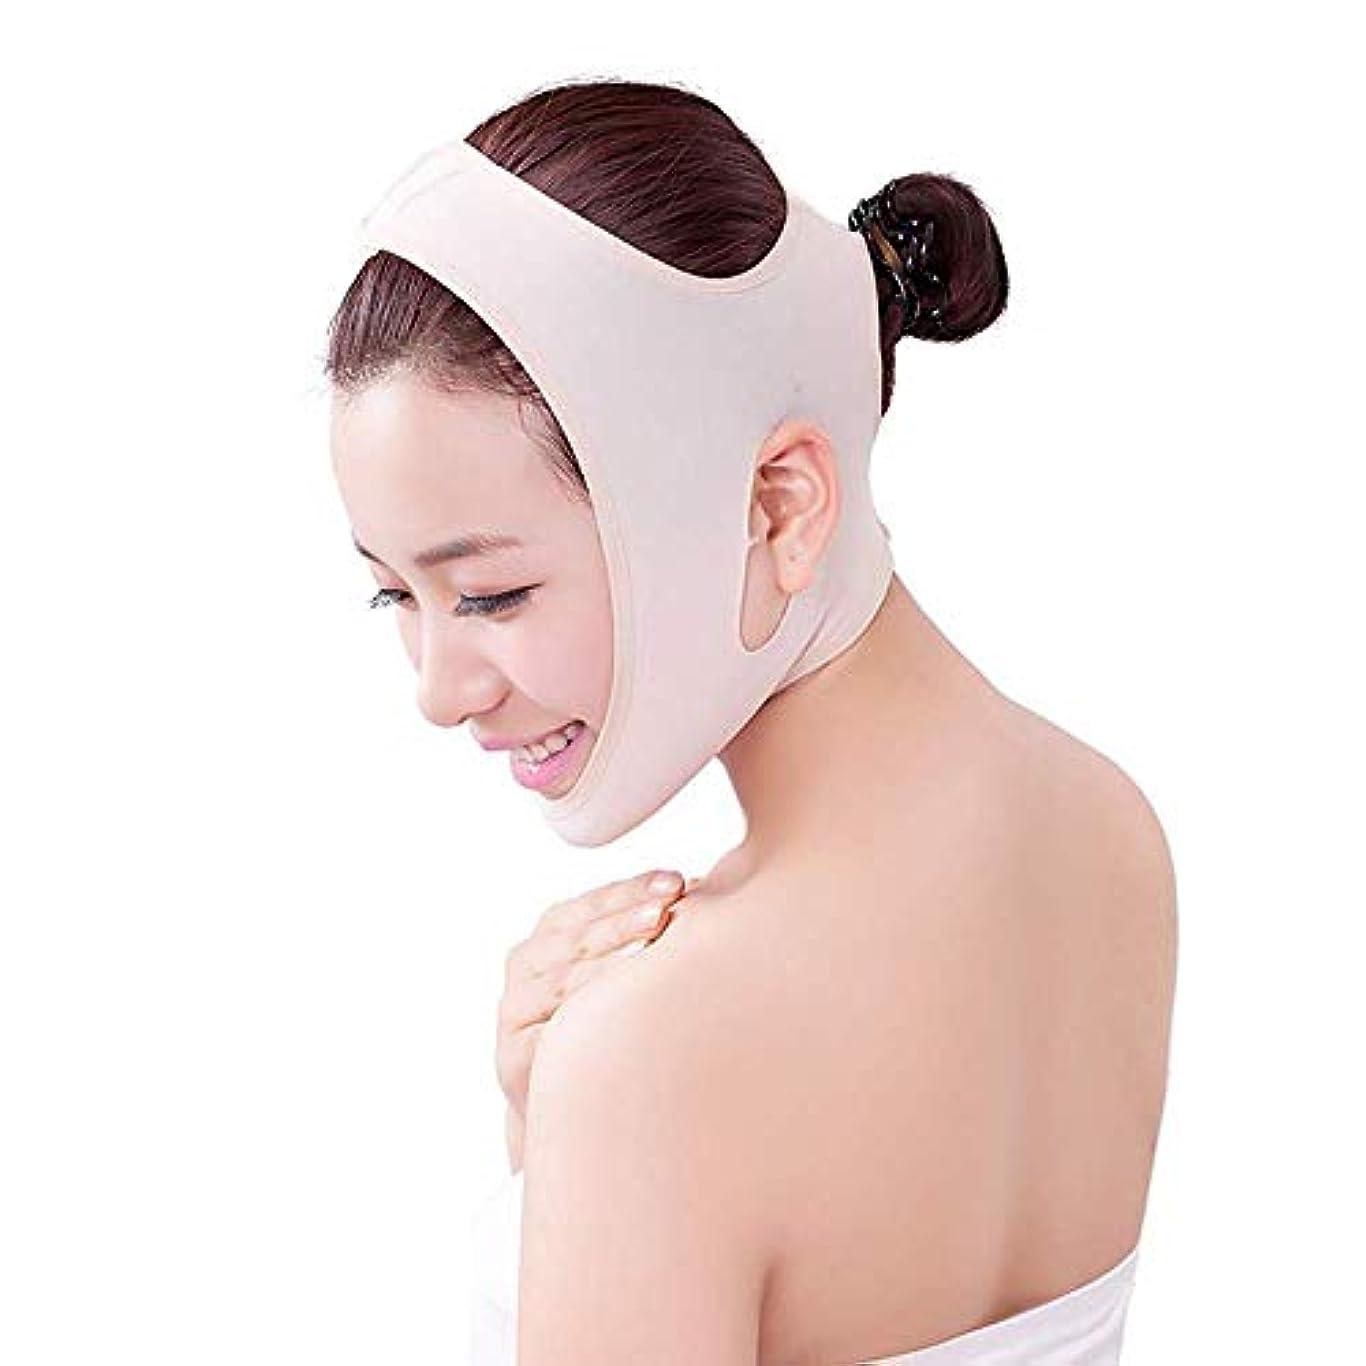 軽蔑差し控える量で薄型フェイスベルト - 男性用および女性用の包帯をフランスの顔用リフティングマスク器具に引き締める薄型フェイスVフェイス薄型ダブルチンフェイスリフティングベルト(サイズ:M),M